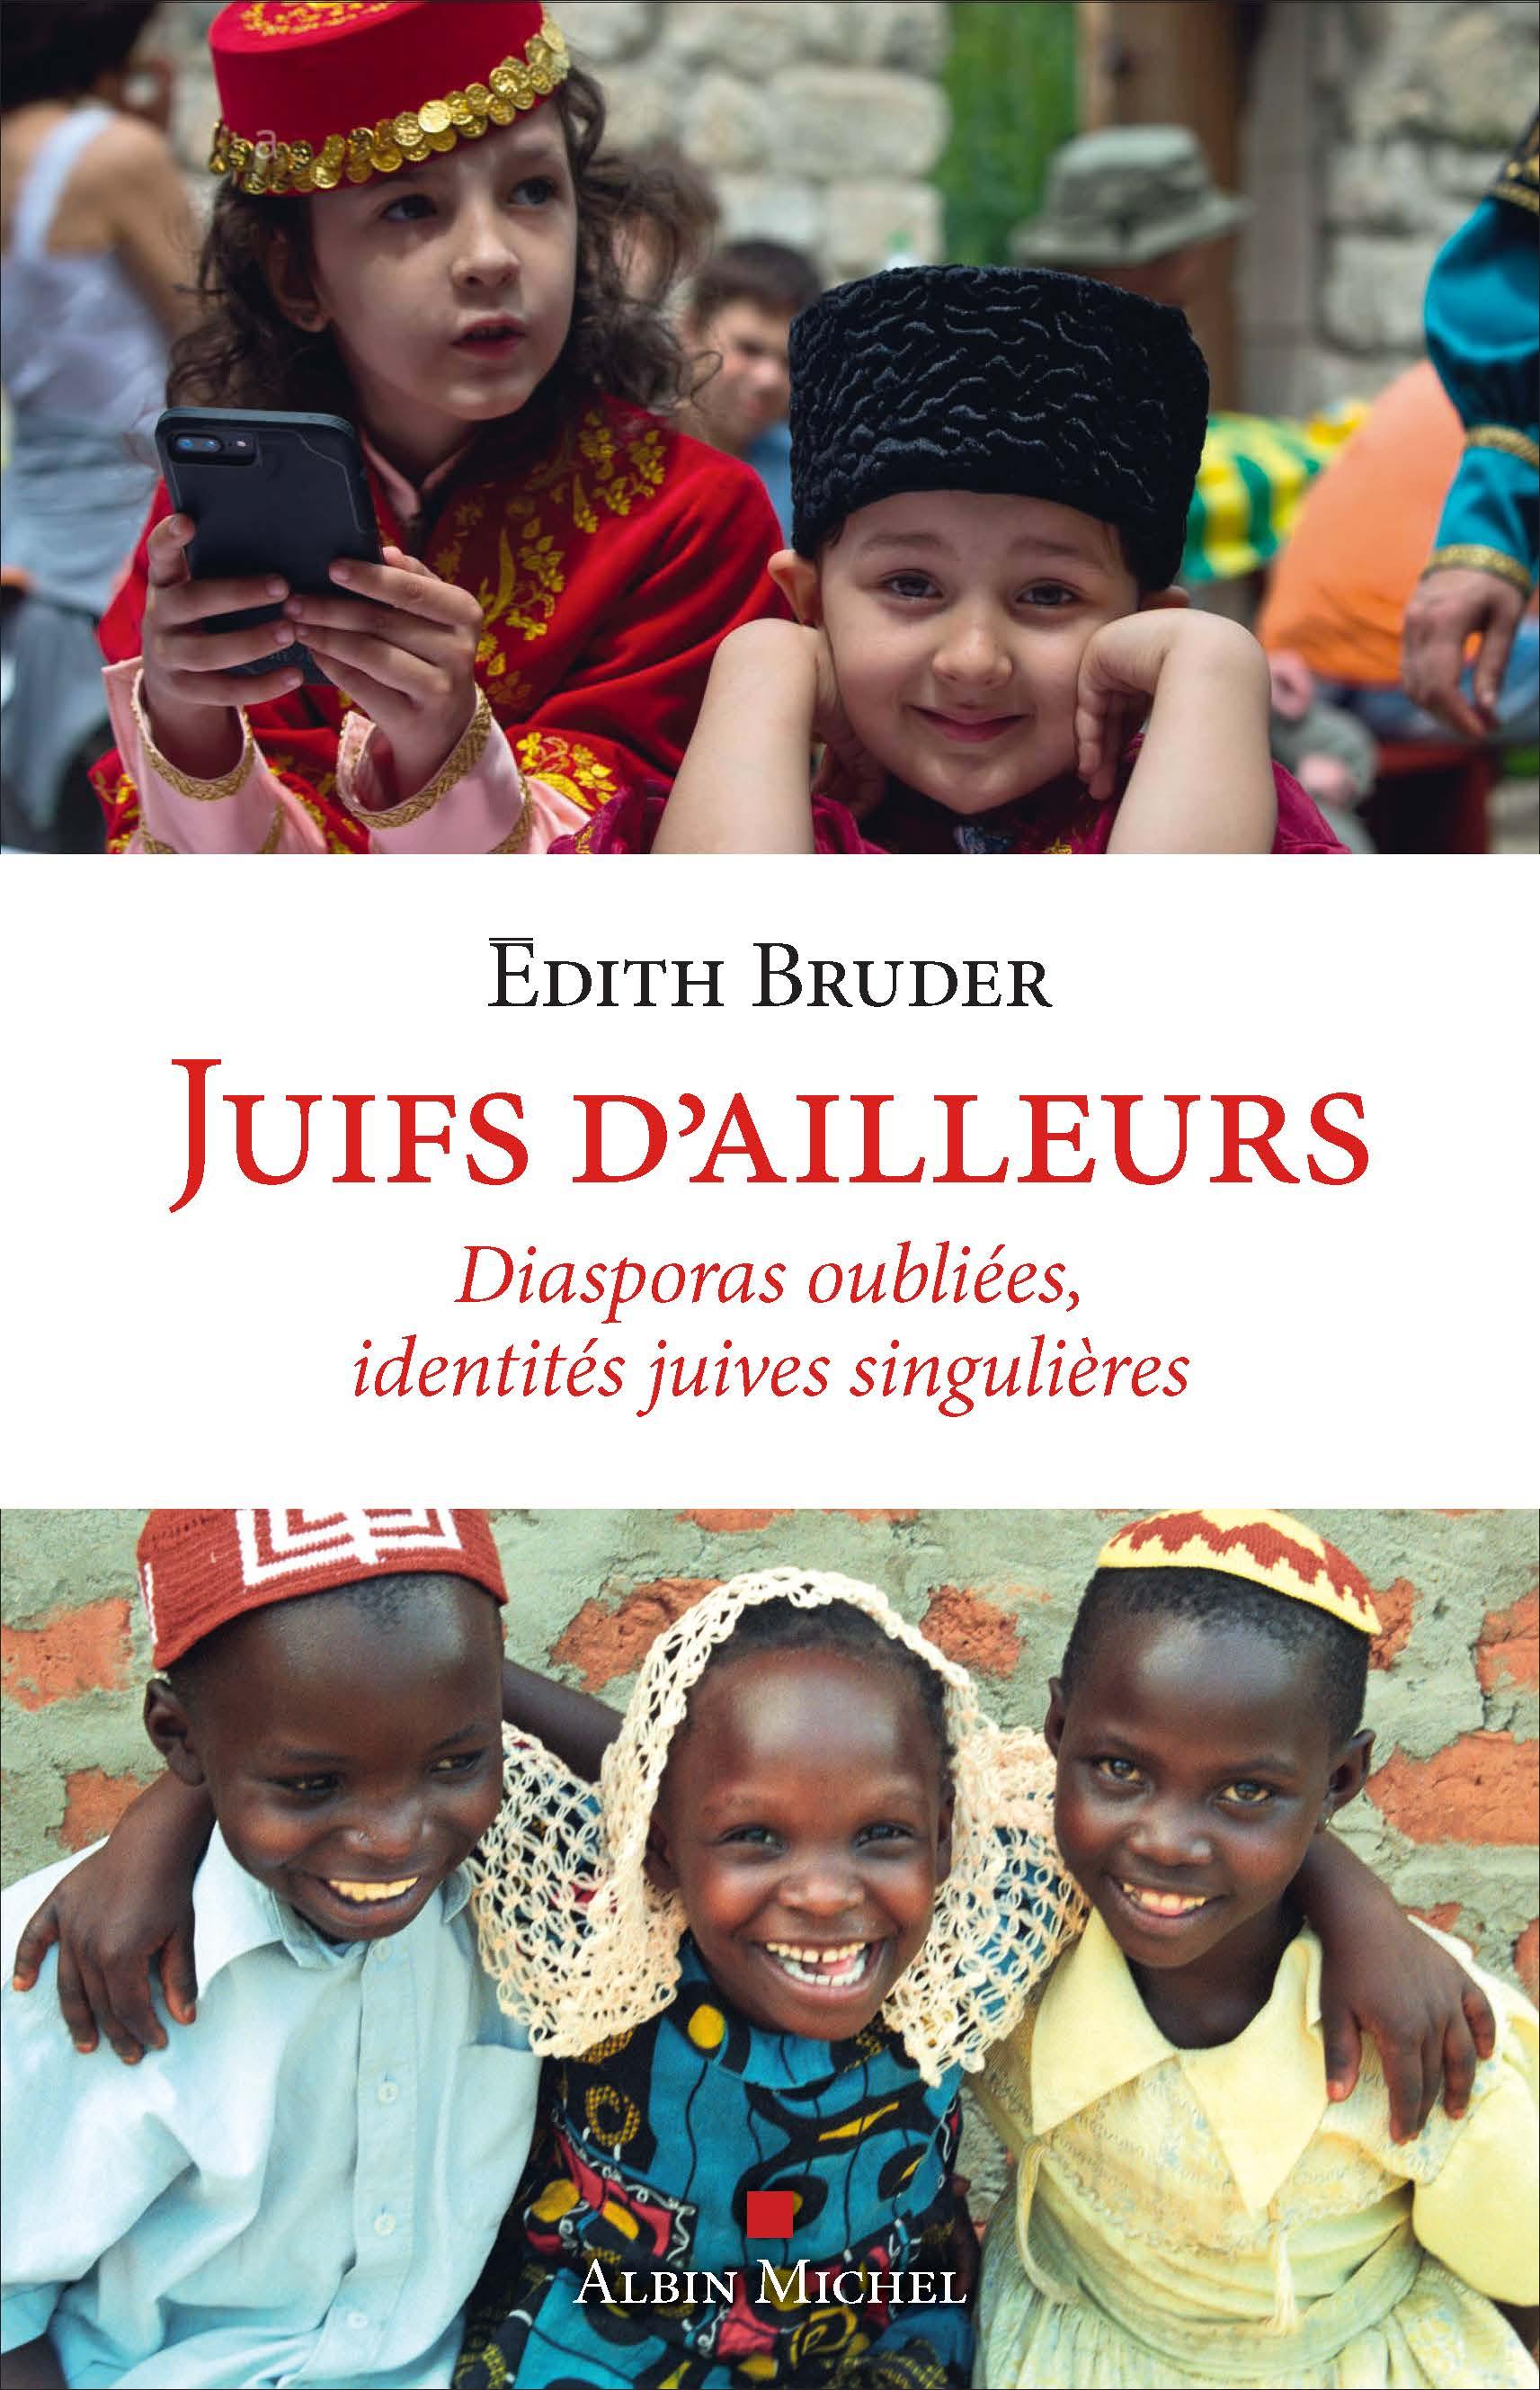 BRUDER_JuifsDAilleurs (2)